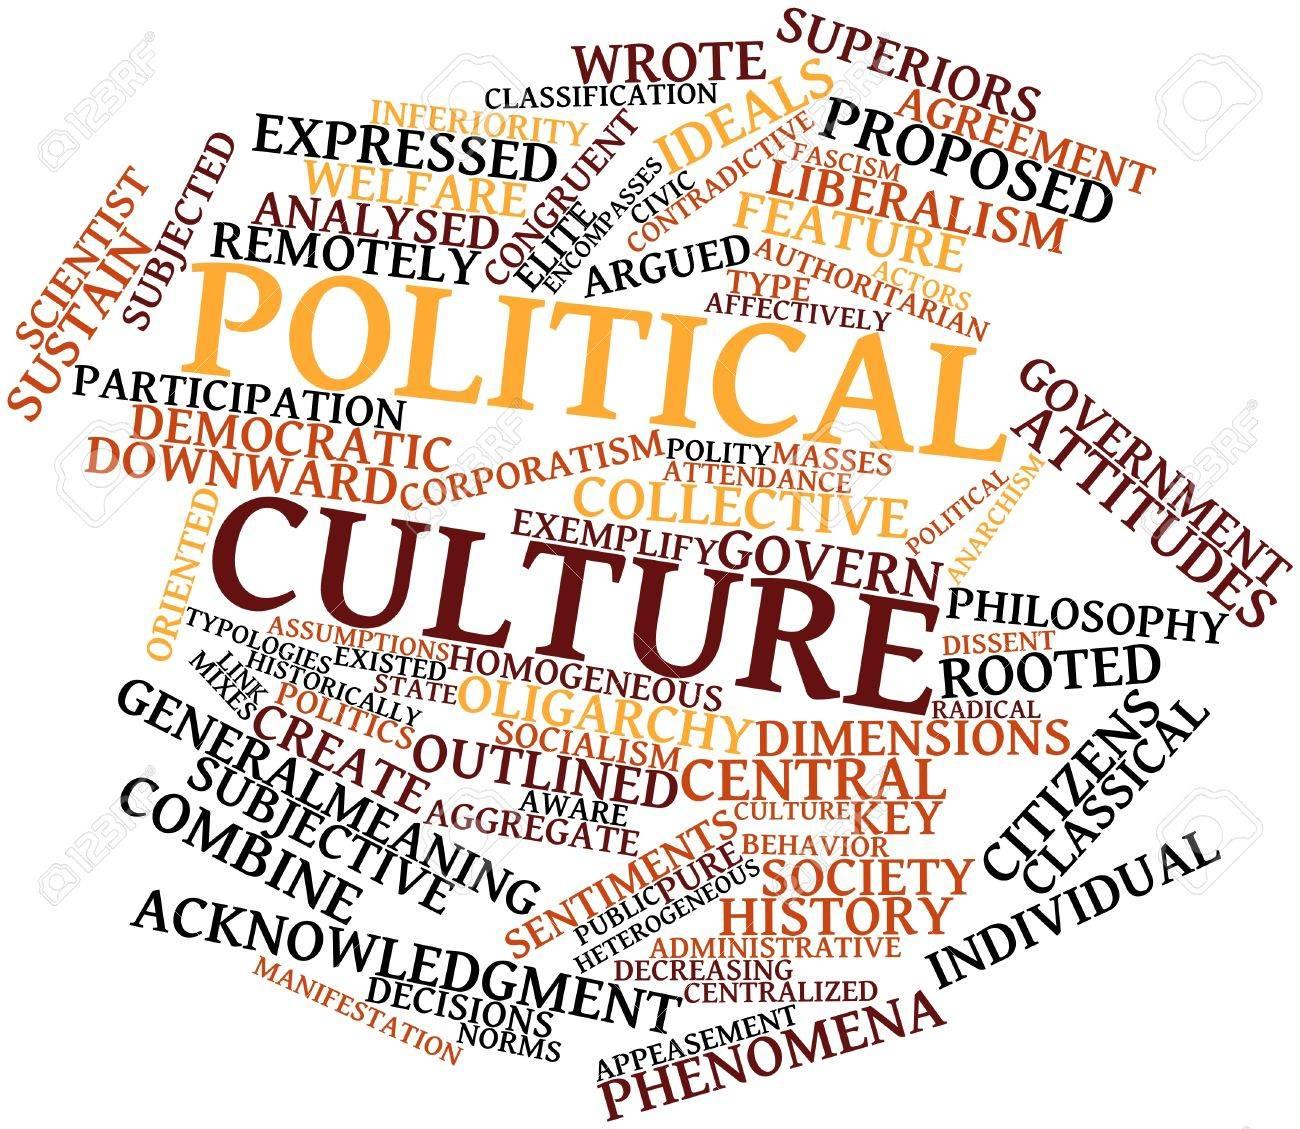 بررسی ساختار سیاسی و تأثیرات آن بر فرهنگ سیاسی